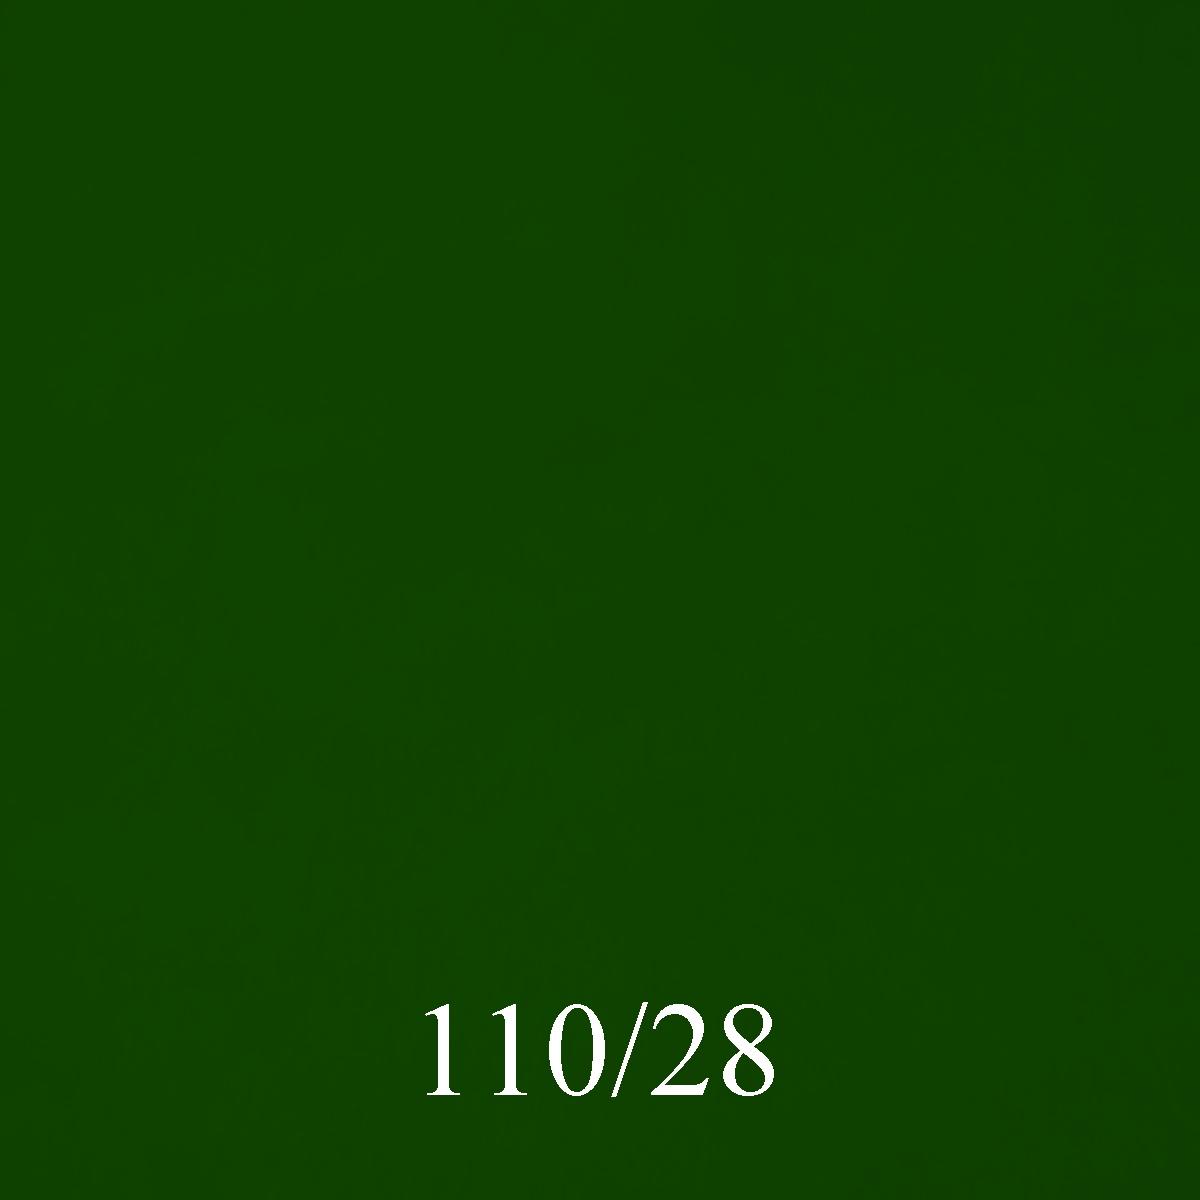 110-28 V. Botella